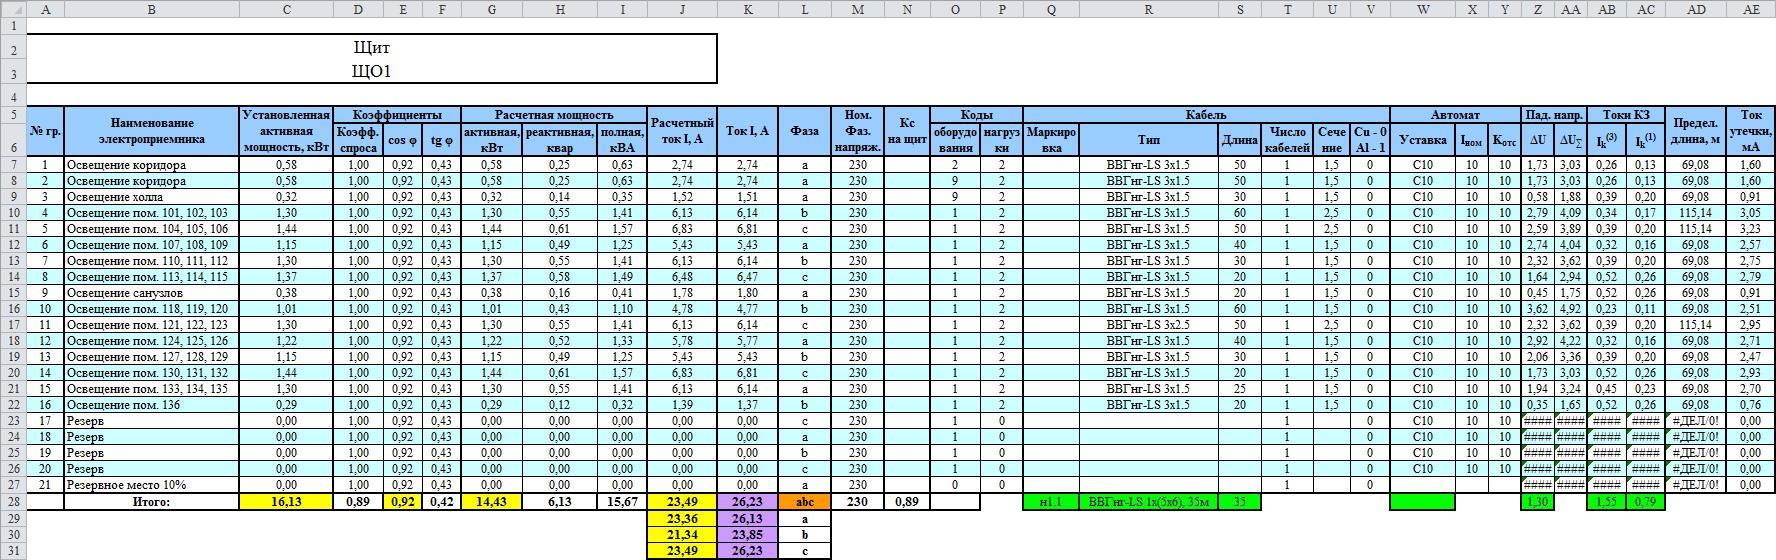 Групповая таблица в расчетной таблице DDECAD